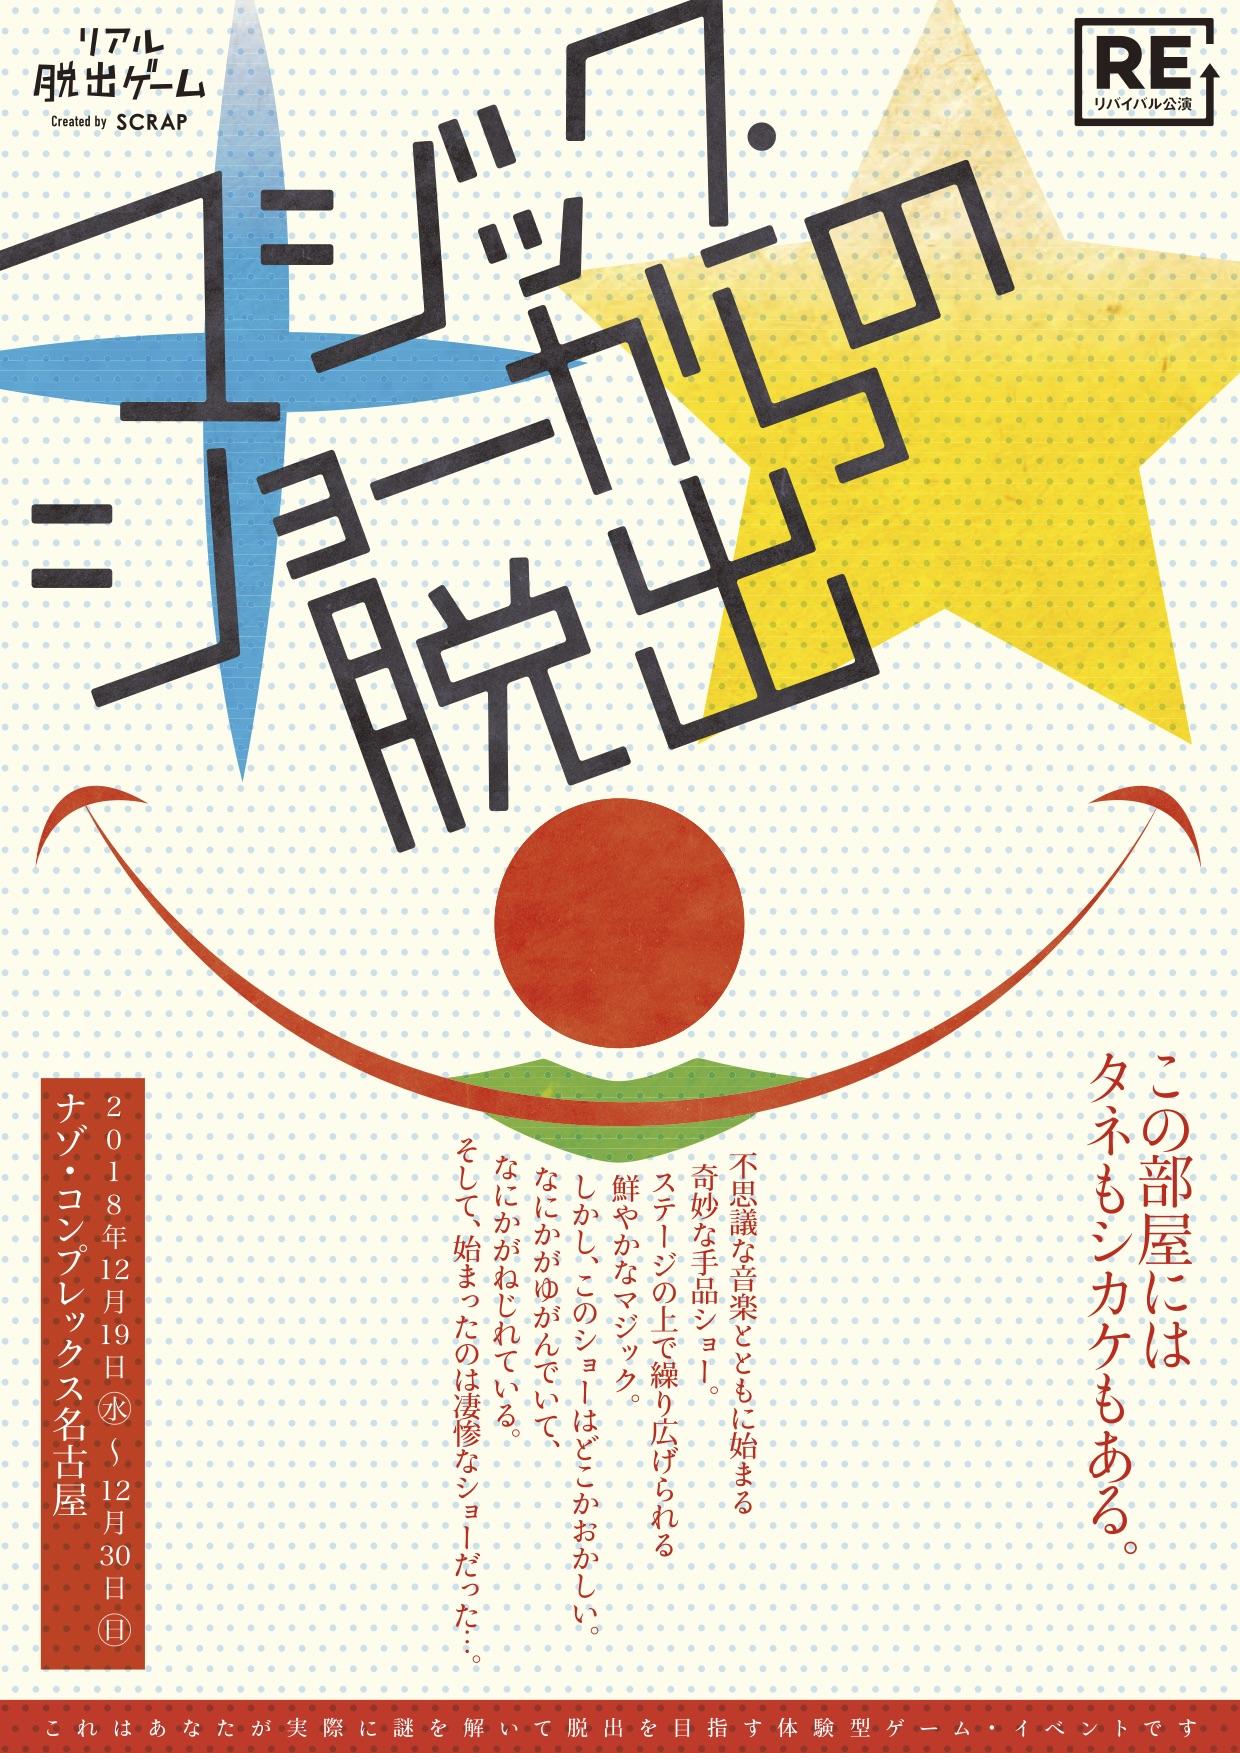 <名古屋>【リバイバル公演】マジックショーからの脱出